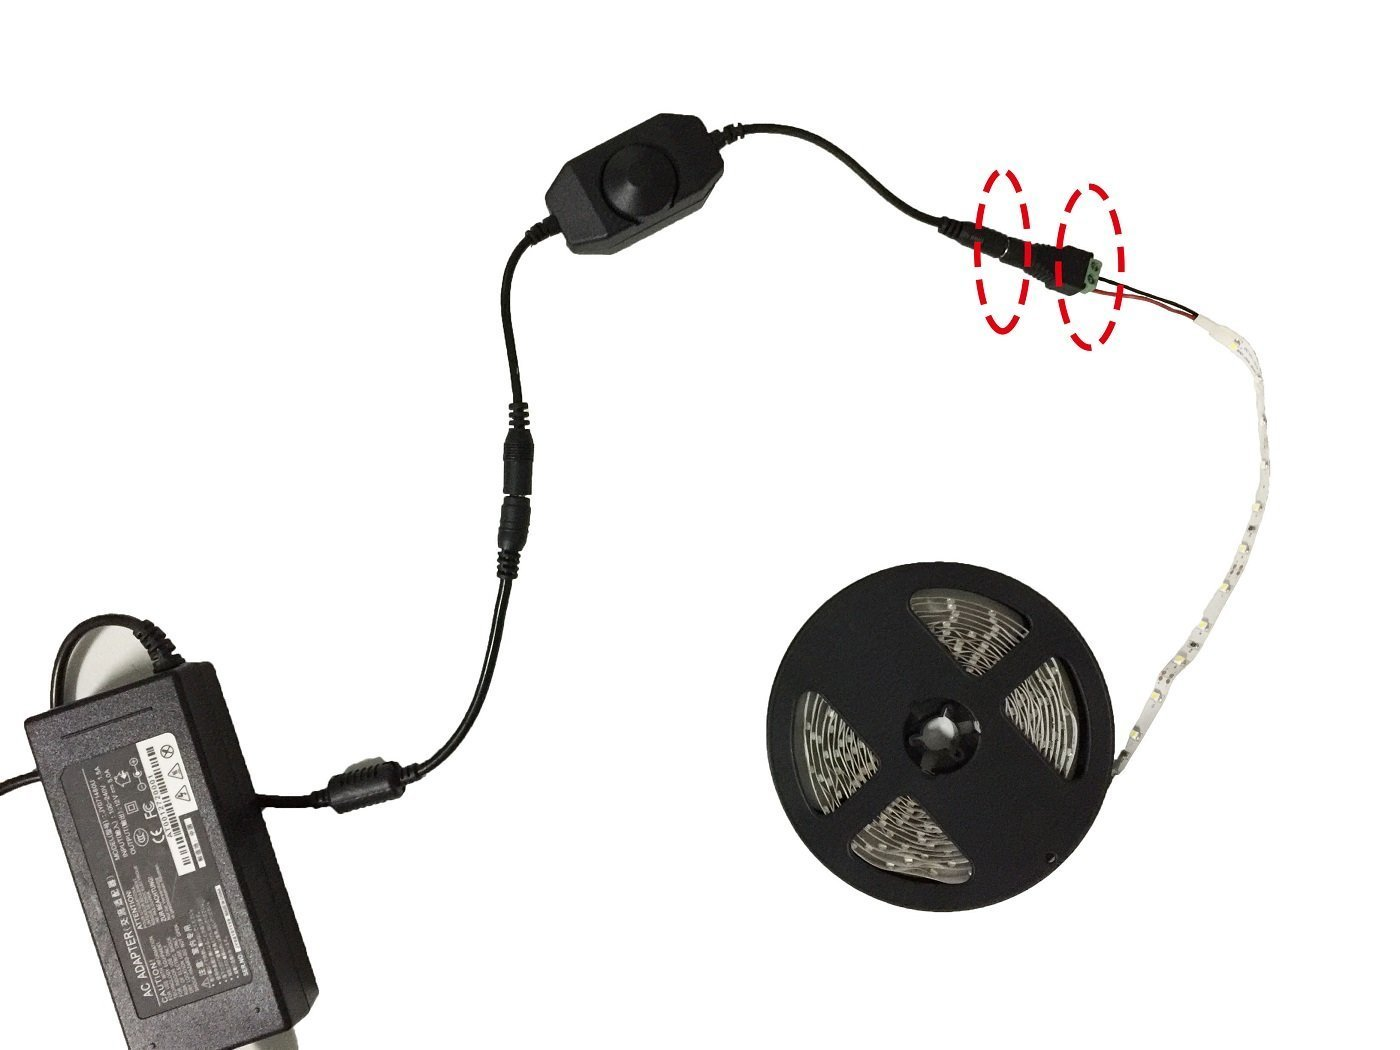 connecteur de ladaptateur suppl/émentaire DC DC Jack pour les deux RGB et monochrome SMD 5050 3528 2835 5630 LED Strip Lumi/ères Ruban de LED LitaElek DC 12V-24V 3A bande LED contr/ôleur gradateur Gradateur PWM w